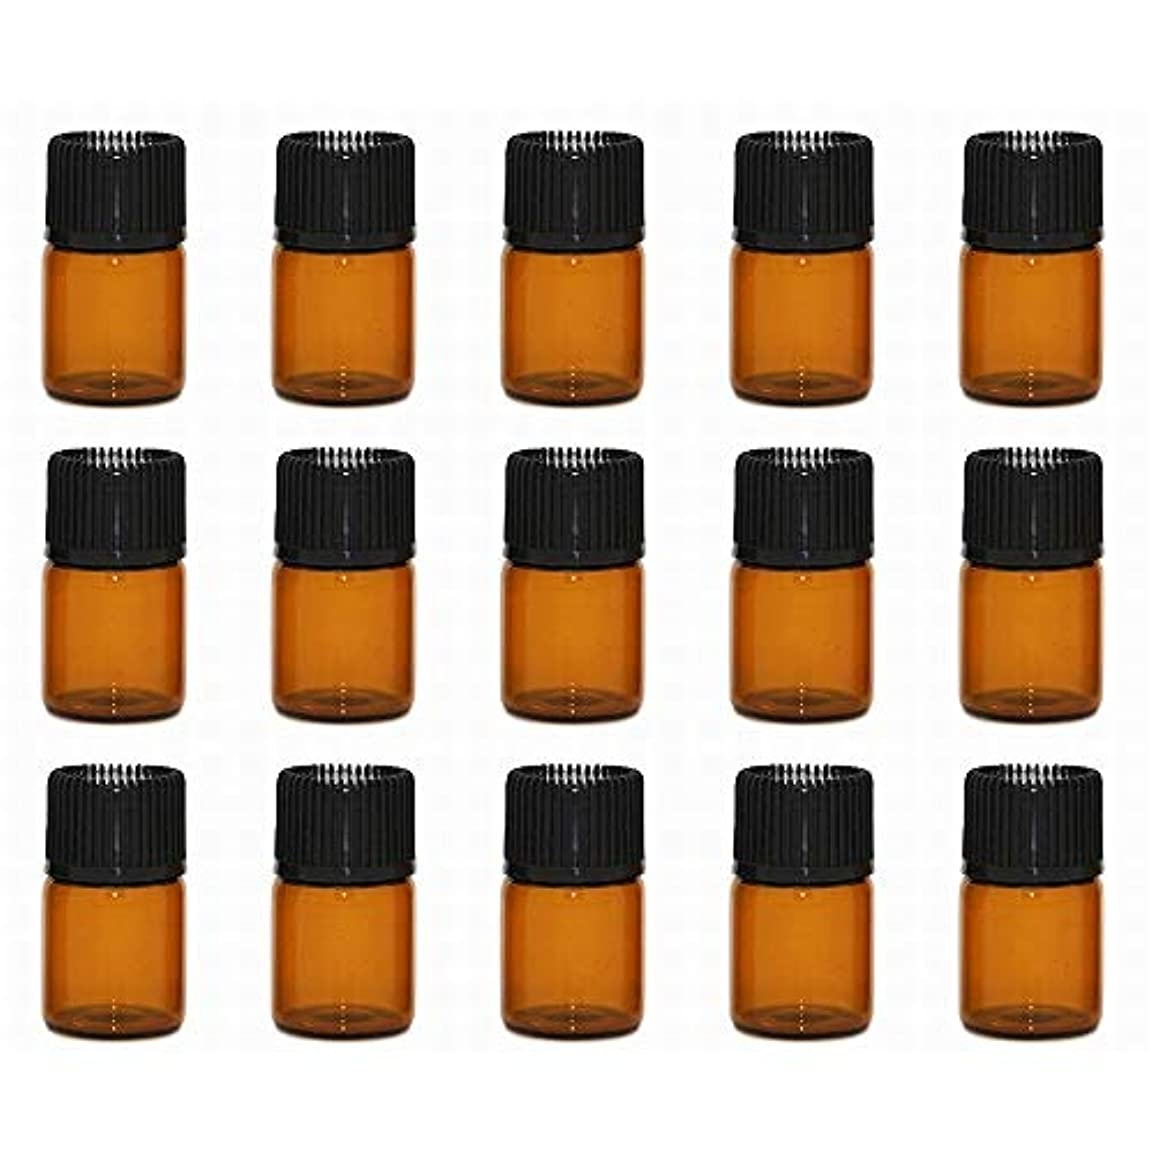 実行可能晩ごはんモンスターアロマオイル 精油 小分け用 遮光瓶 セット (1ml 20本 セット)